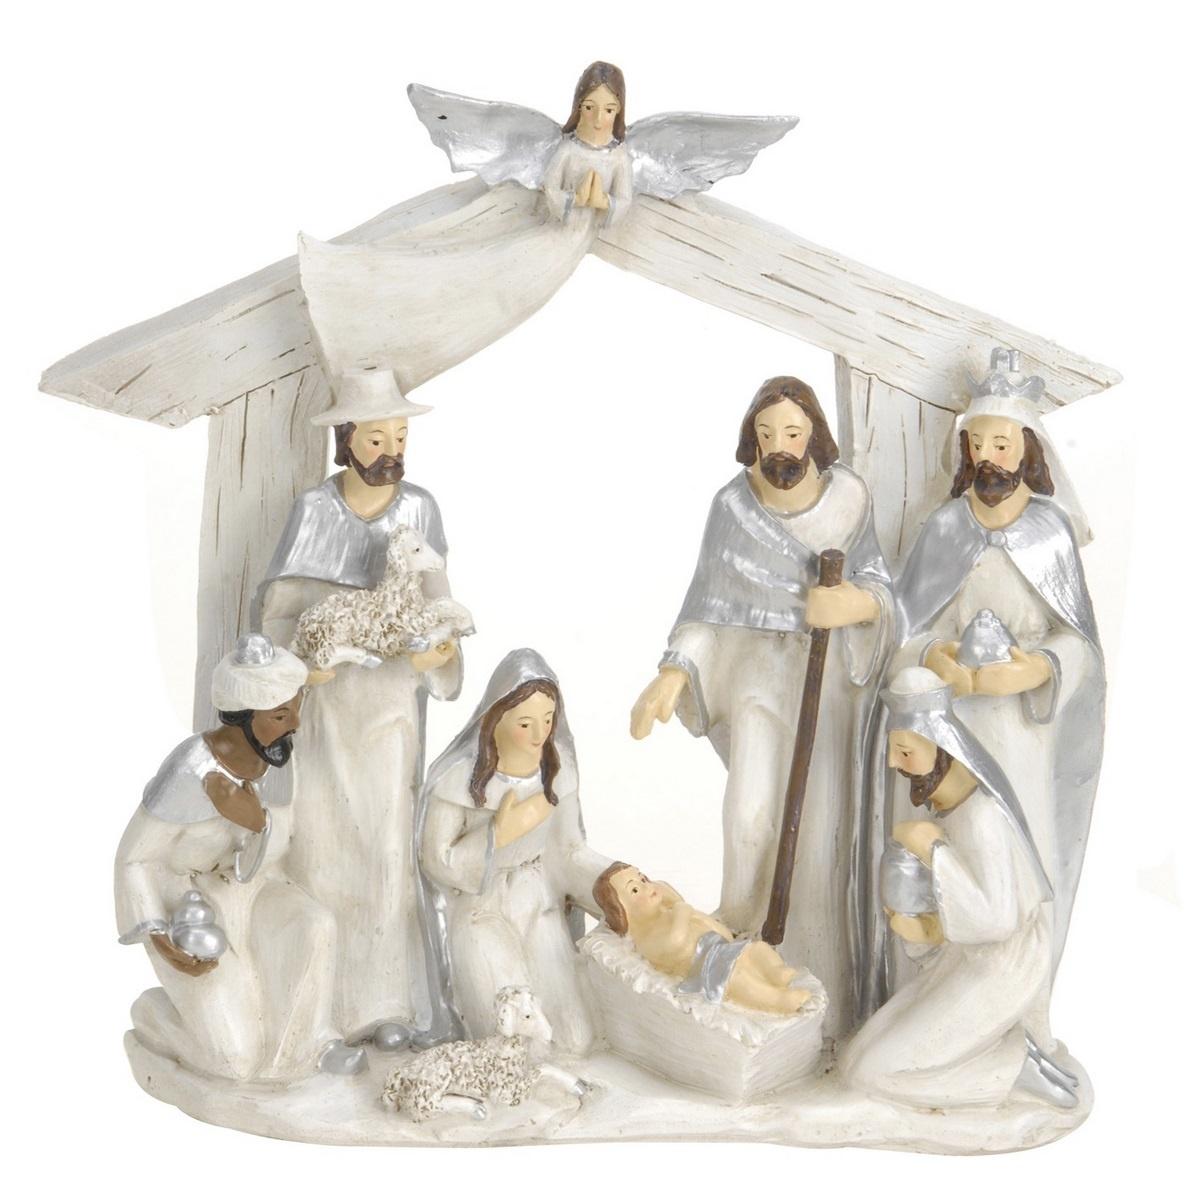 Vánoční dekorace Betlém stříbrná, 22 x 7 x 22 cm